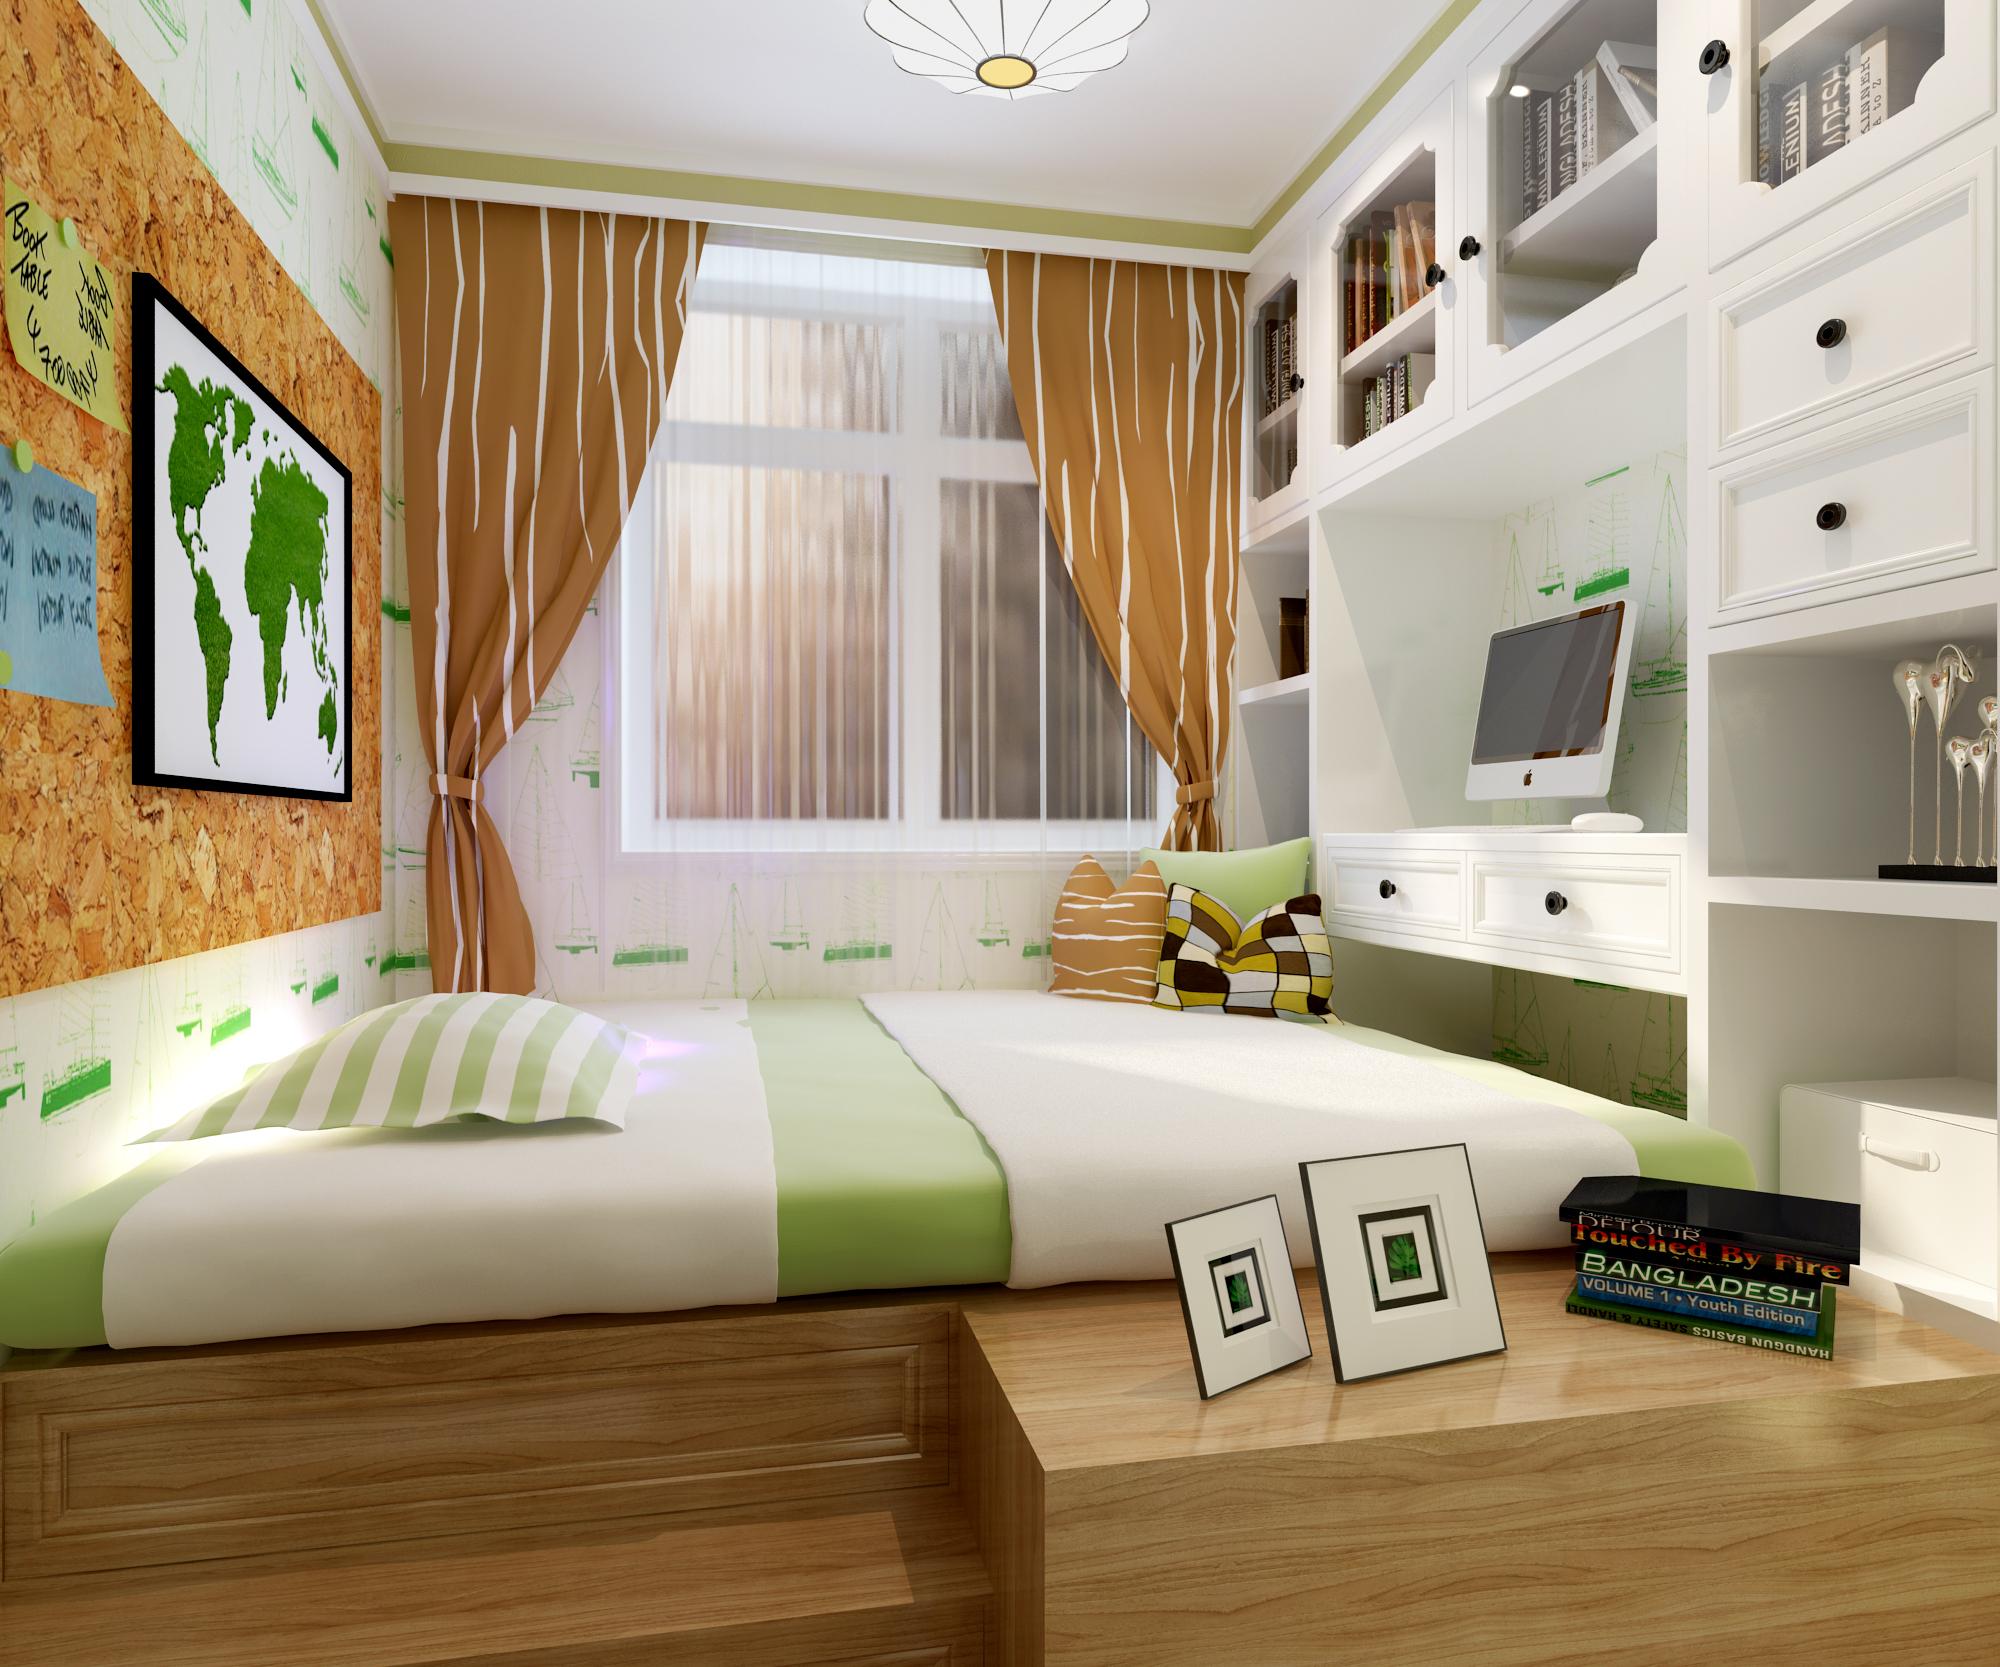 简约 现代 二居 80后 卧室图片来自林上淮·圣奇凯尚装饰在国风美唐简约风的分享